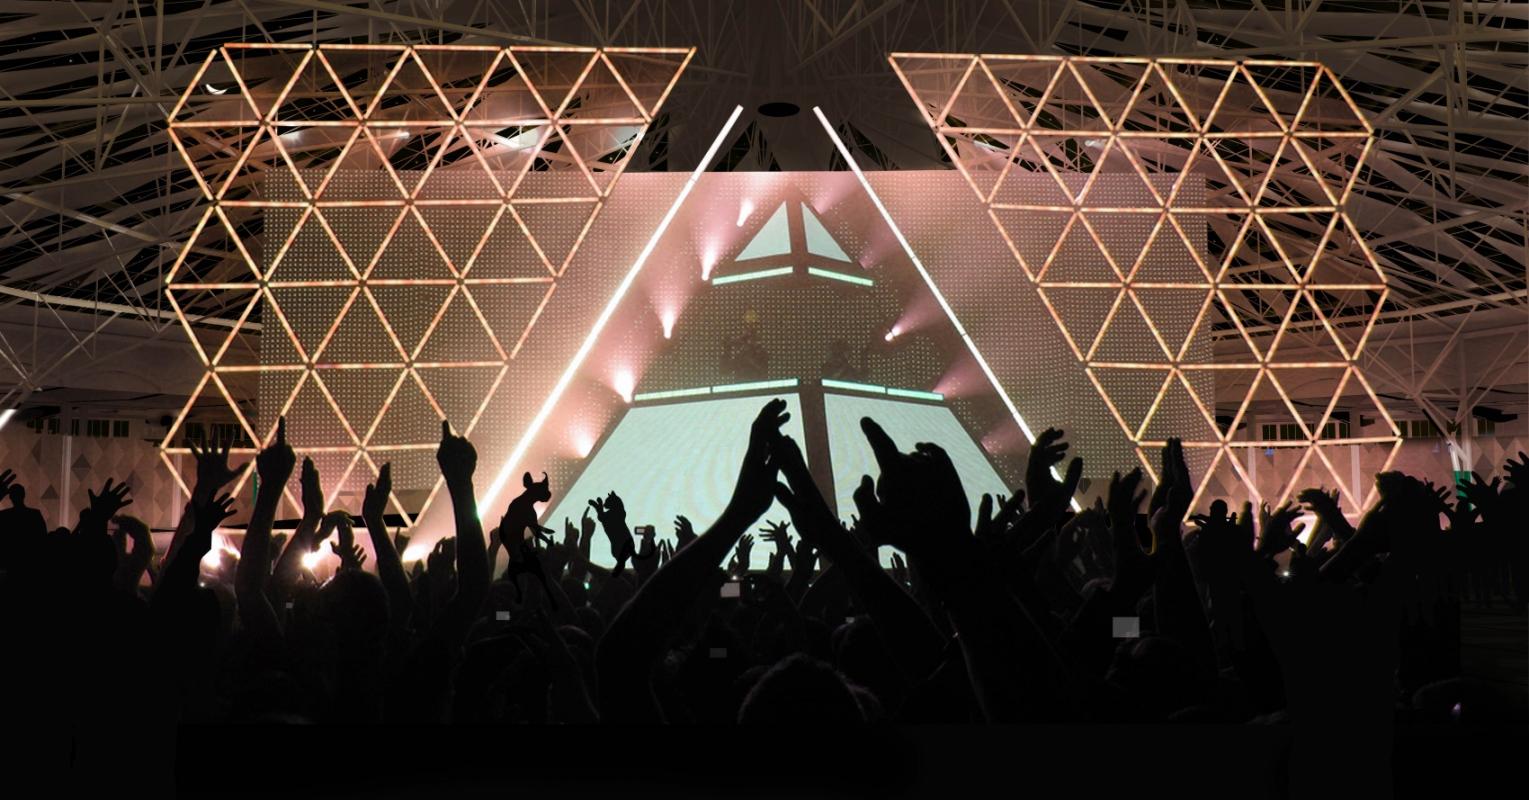 dumas-architectures Lyon - Et si Daft Punk venait en concert sous l'espace cathédrale de la rotonde de Grigny.